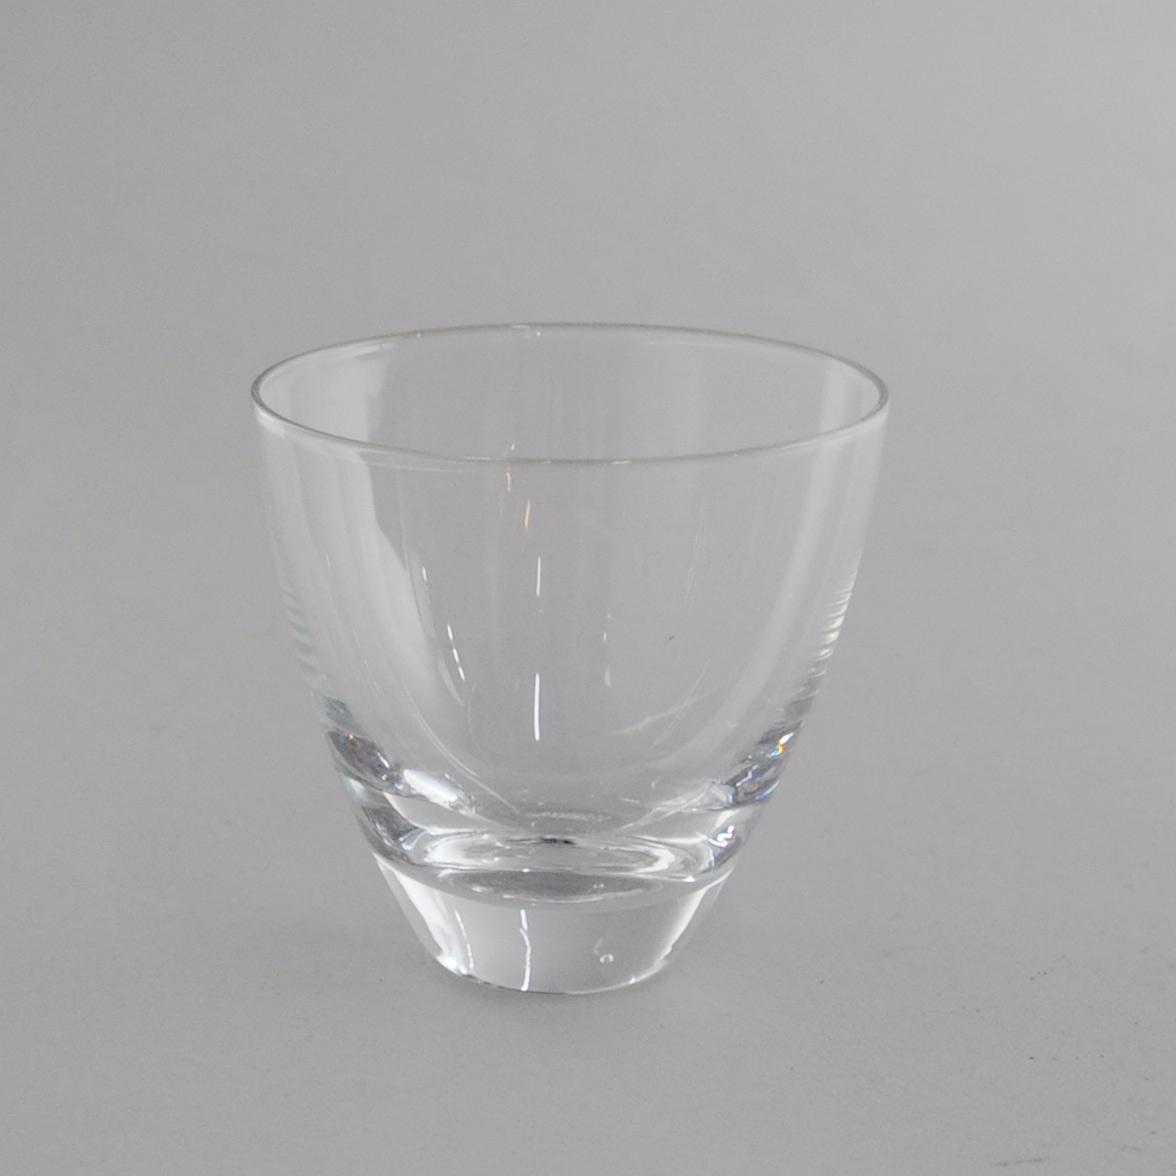 Glass til drikke. Glasset har utadgående kurvet form, med tykk bunn.